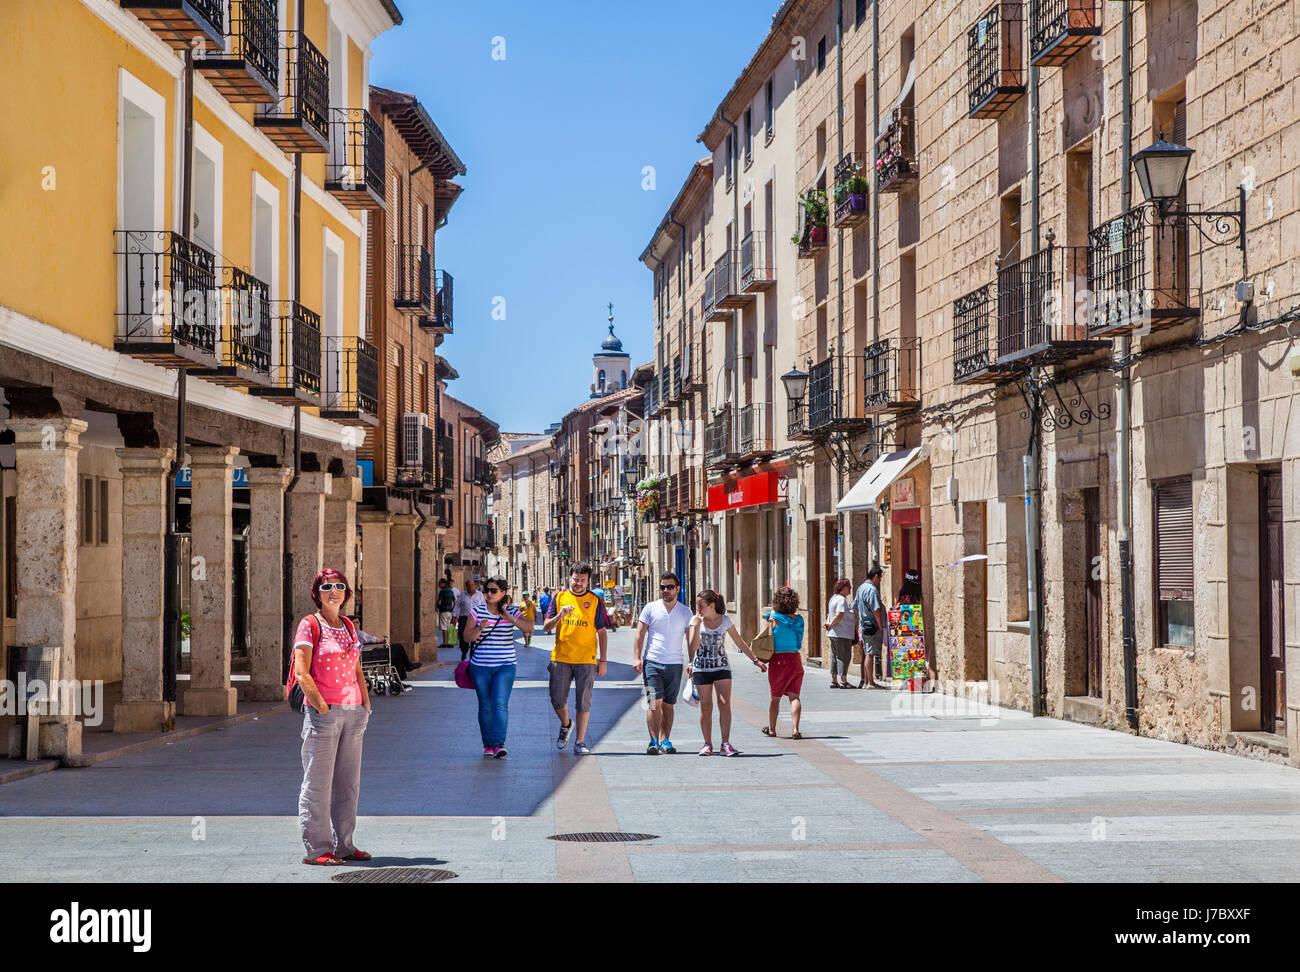 Spain, Castile and Leon, Burgo de Osma, arcaded Calle Mayor - Stock Image